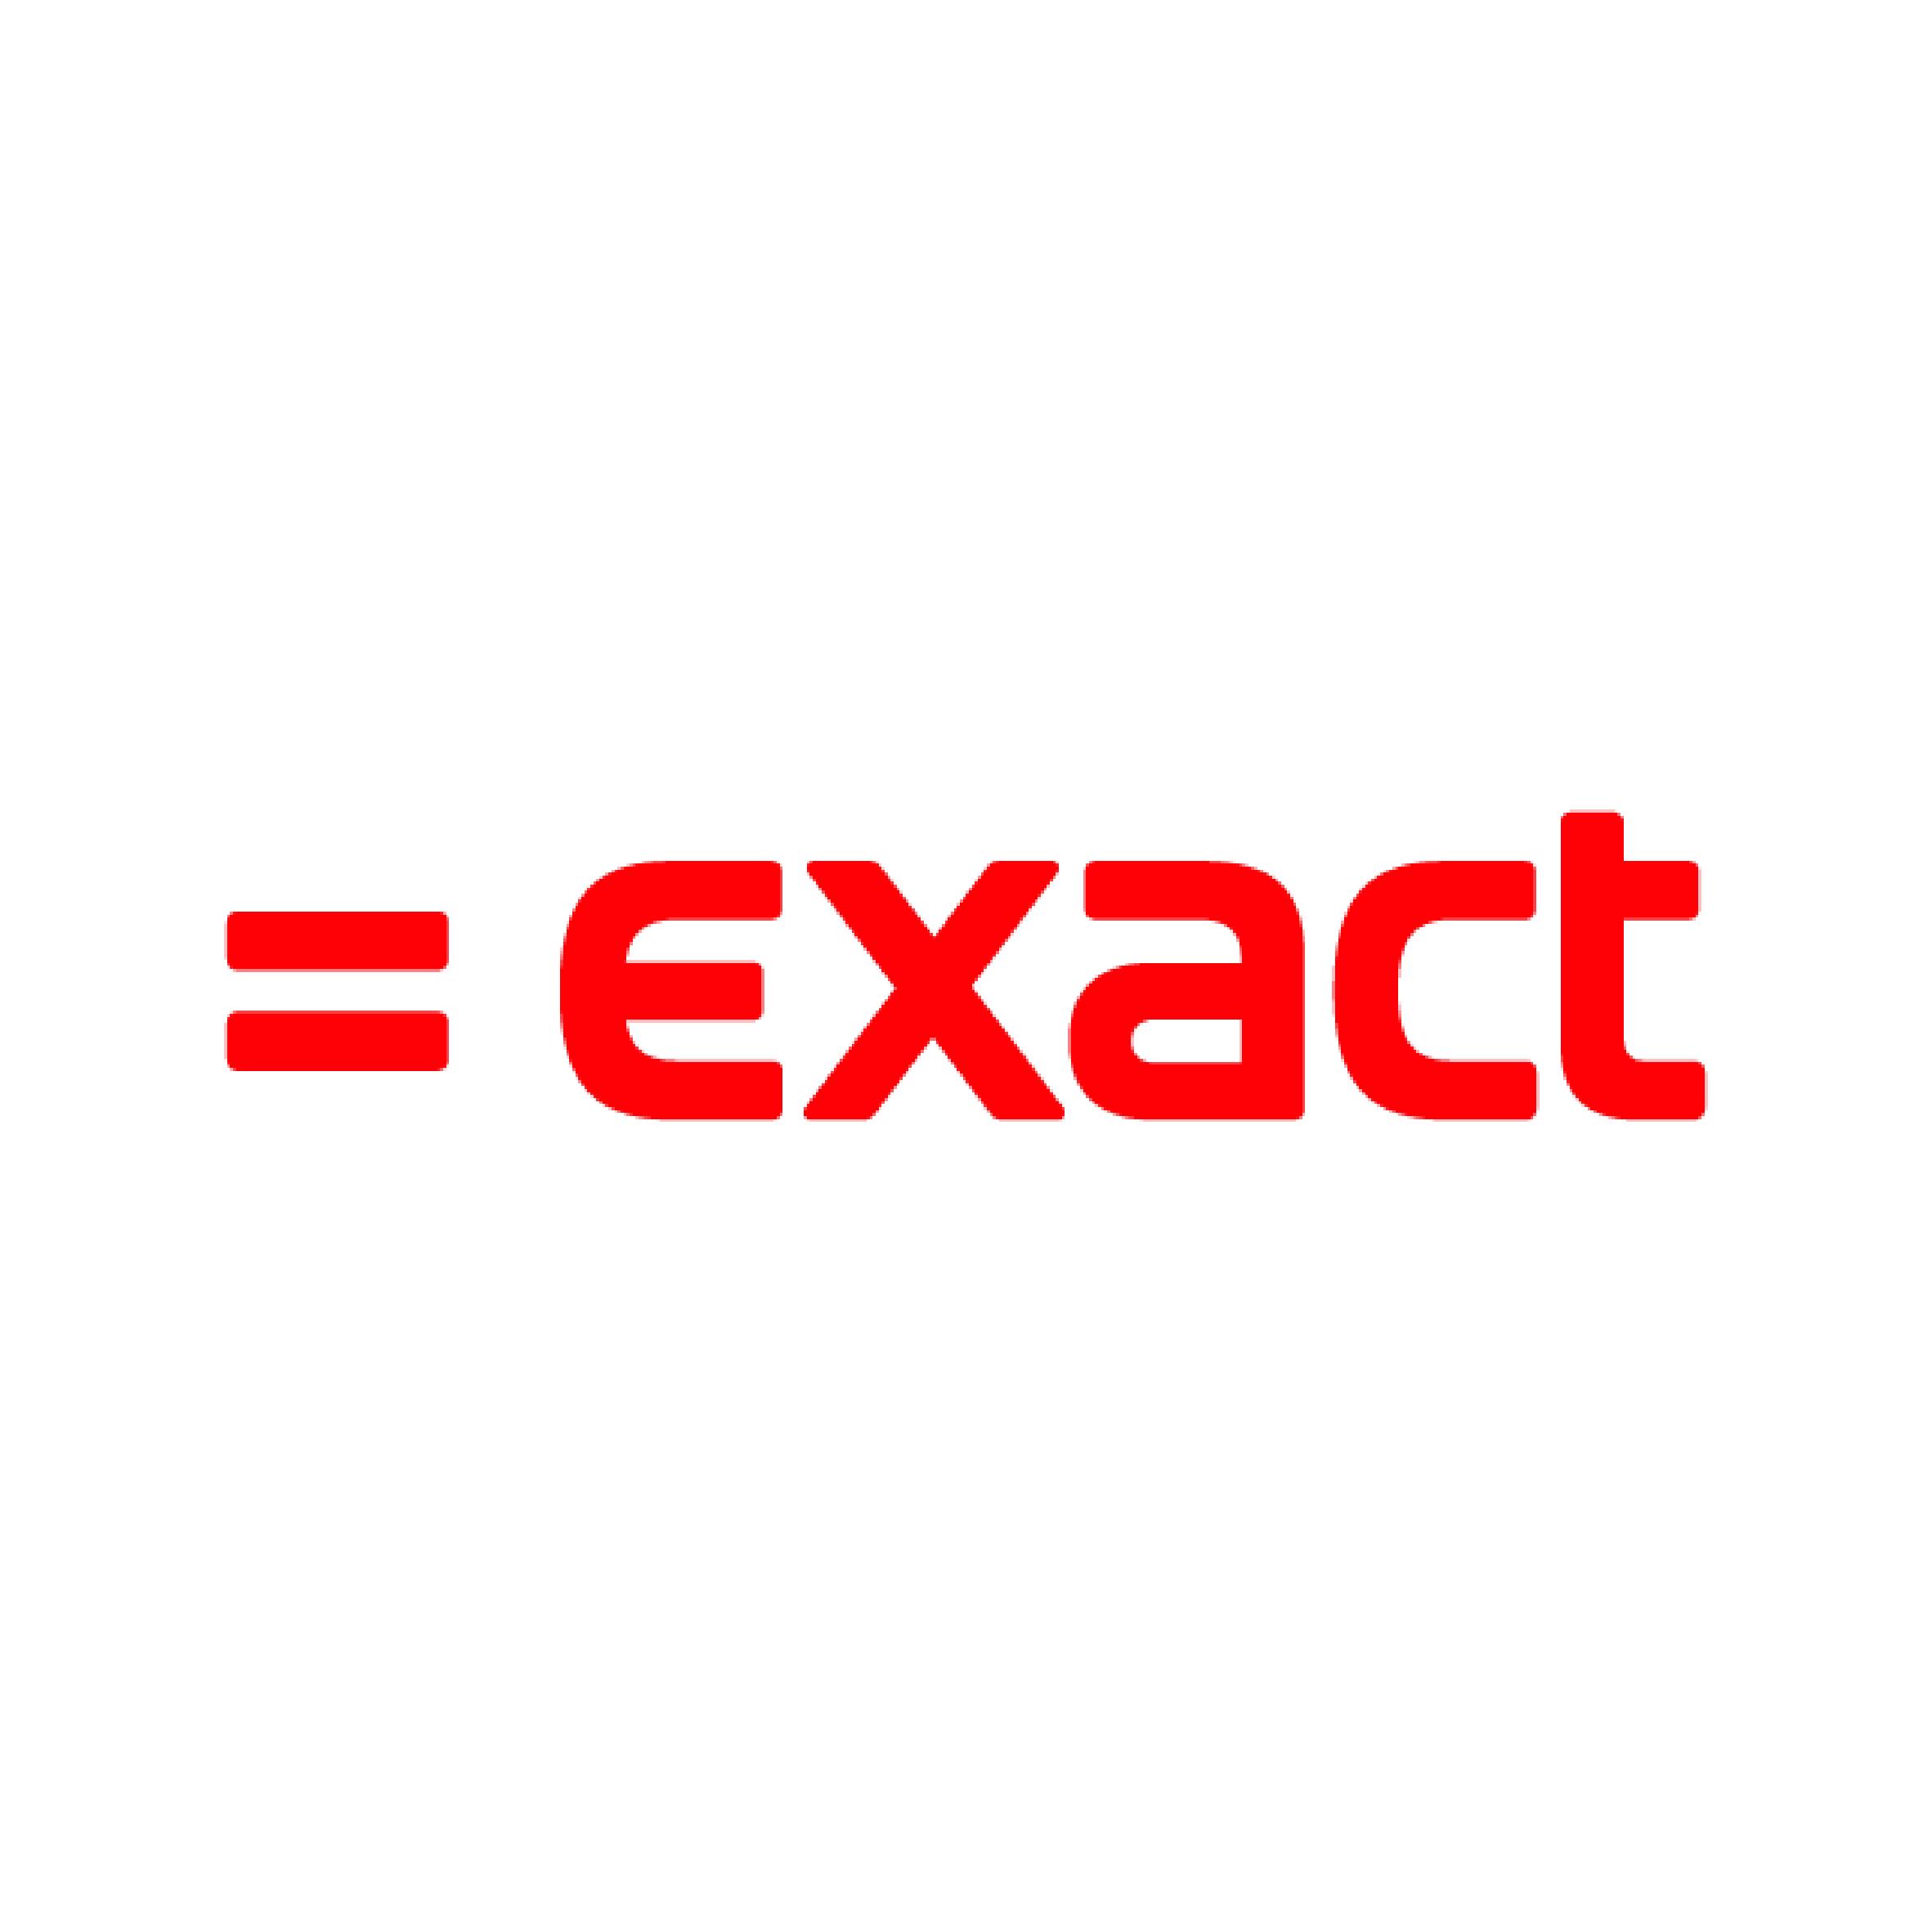 =exact